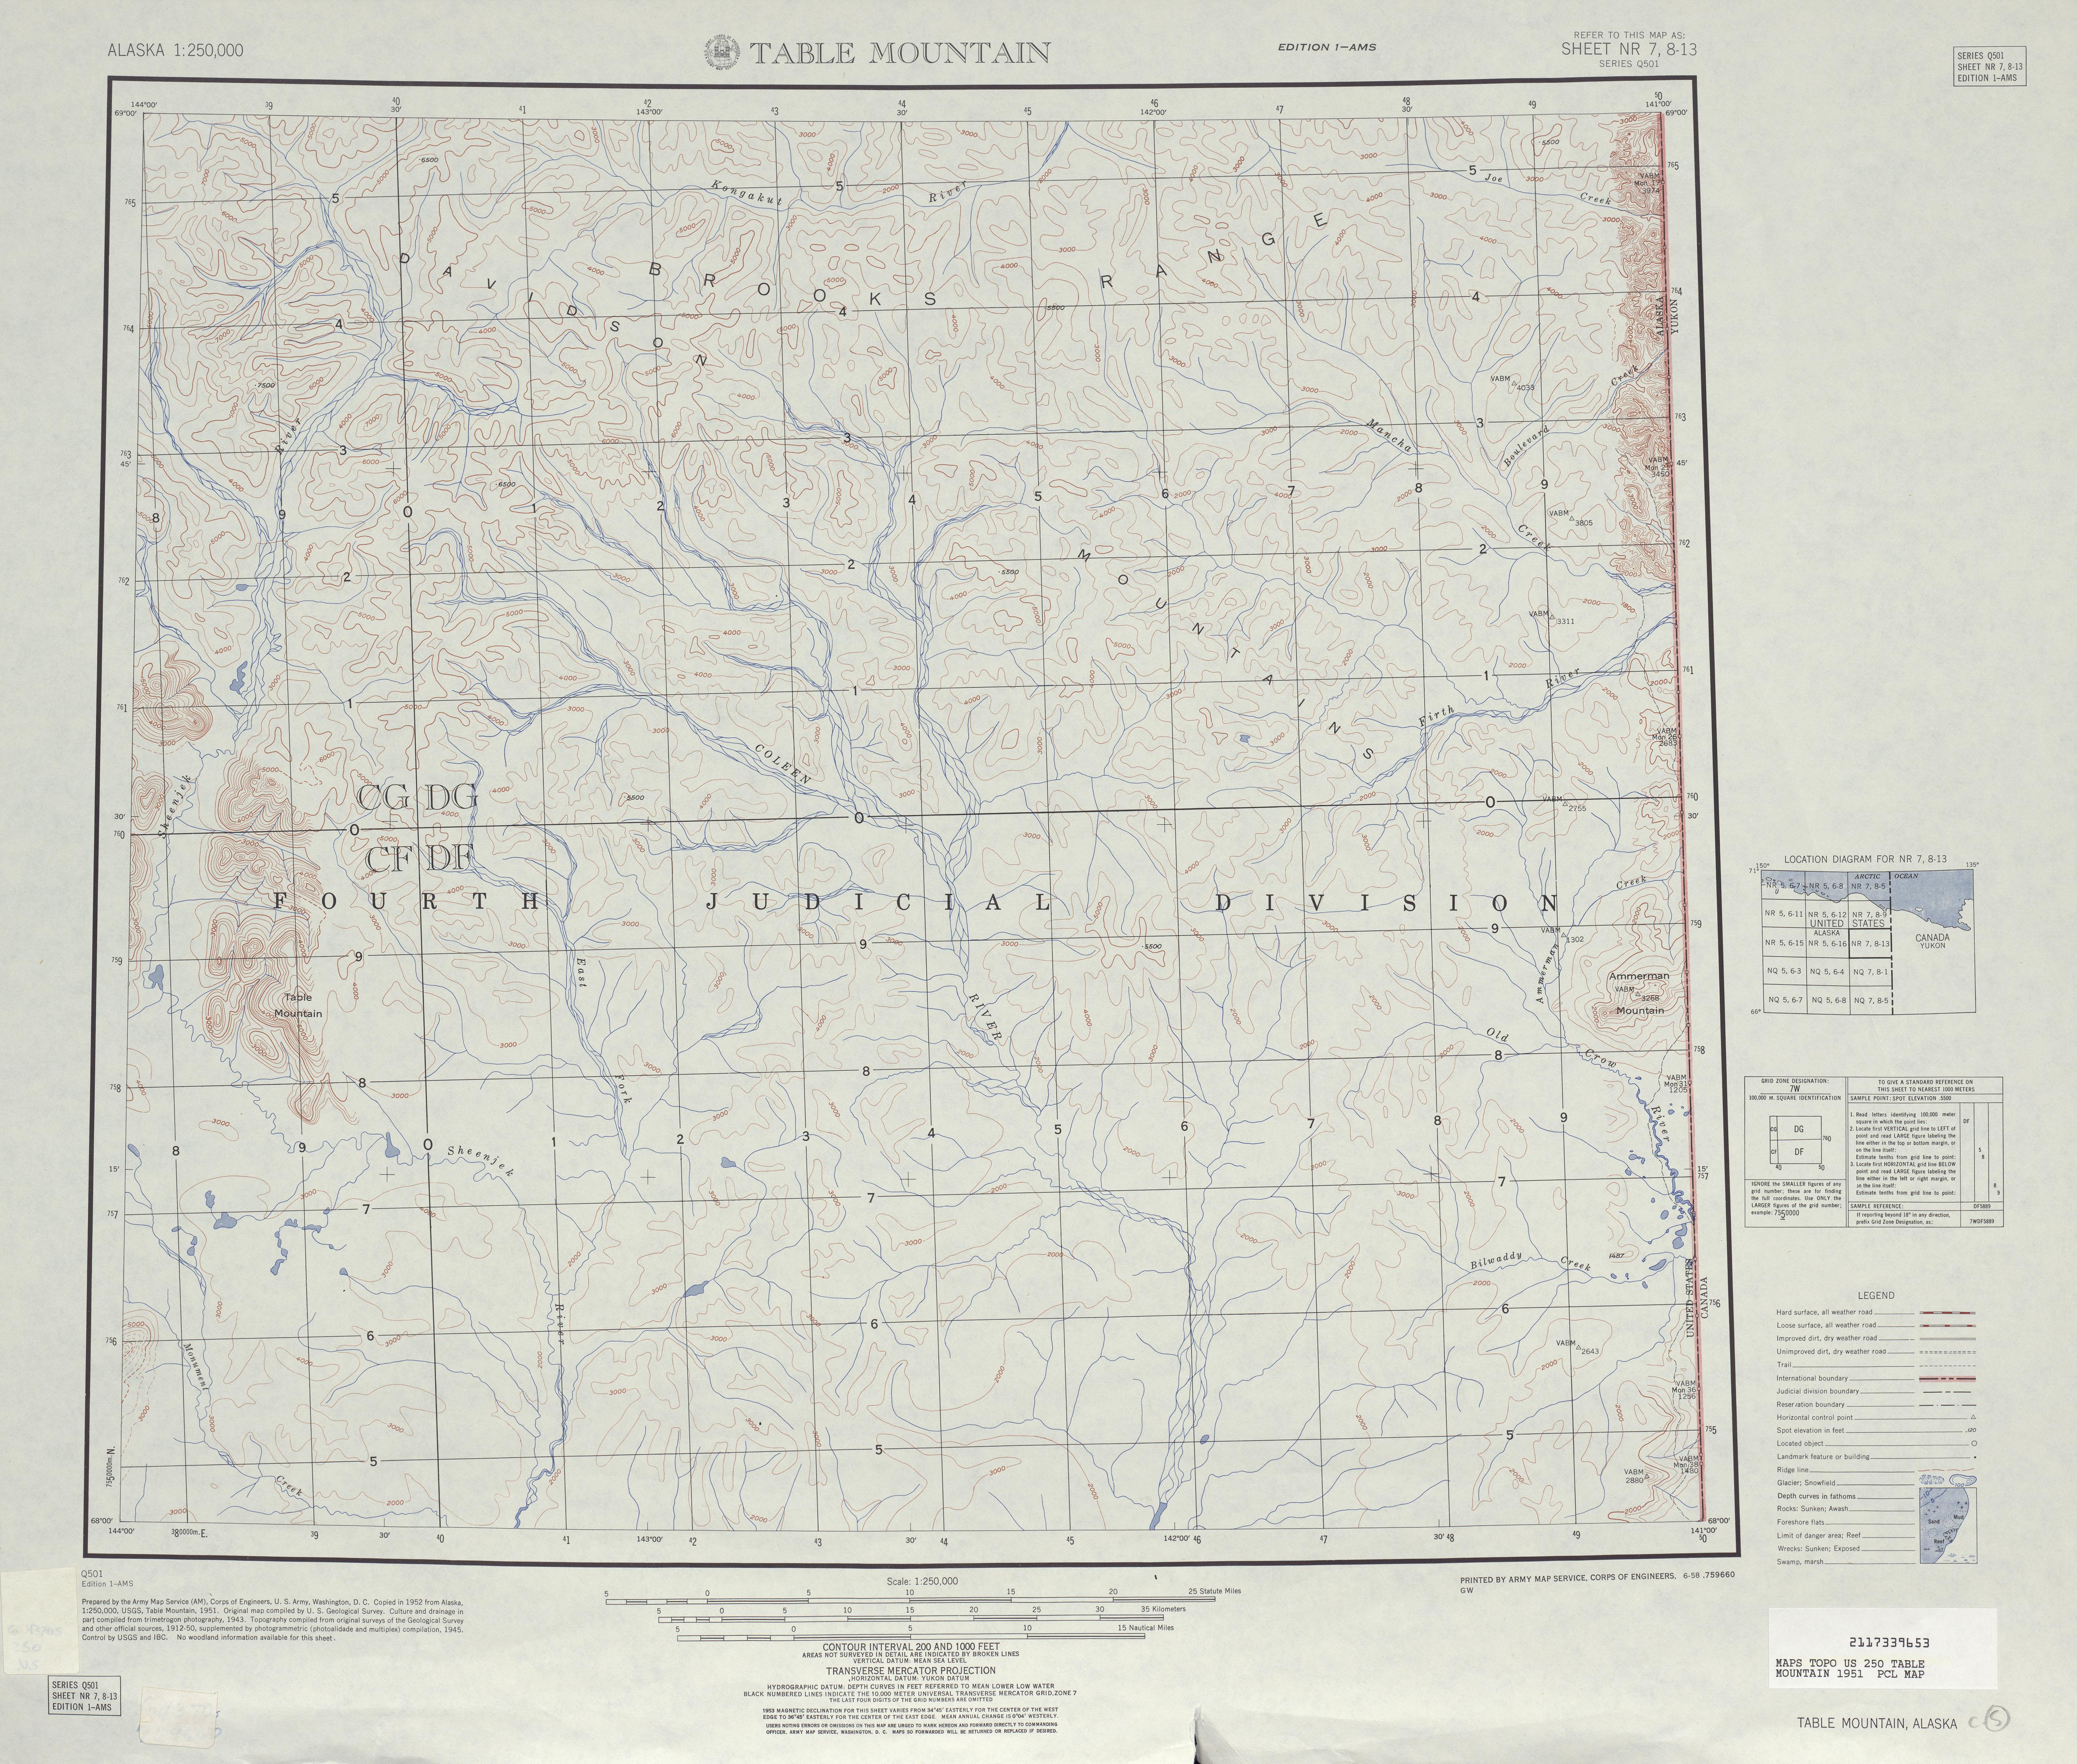 Hoja Table Mountain del Mapa Topográfico de los Estados Unidos 1951